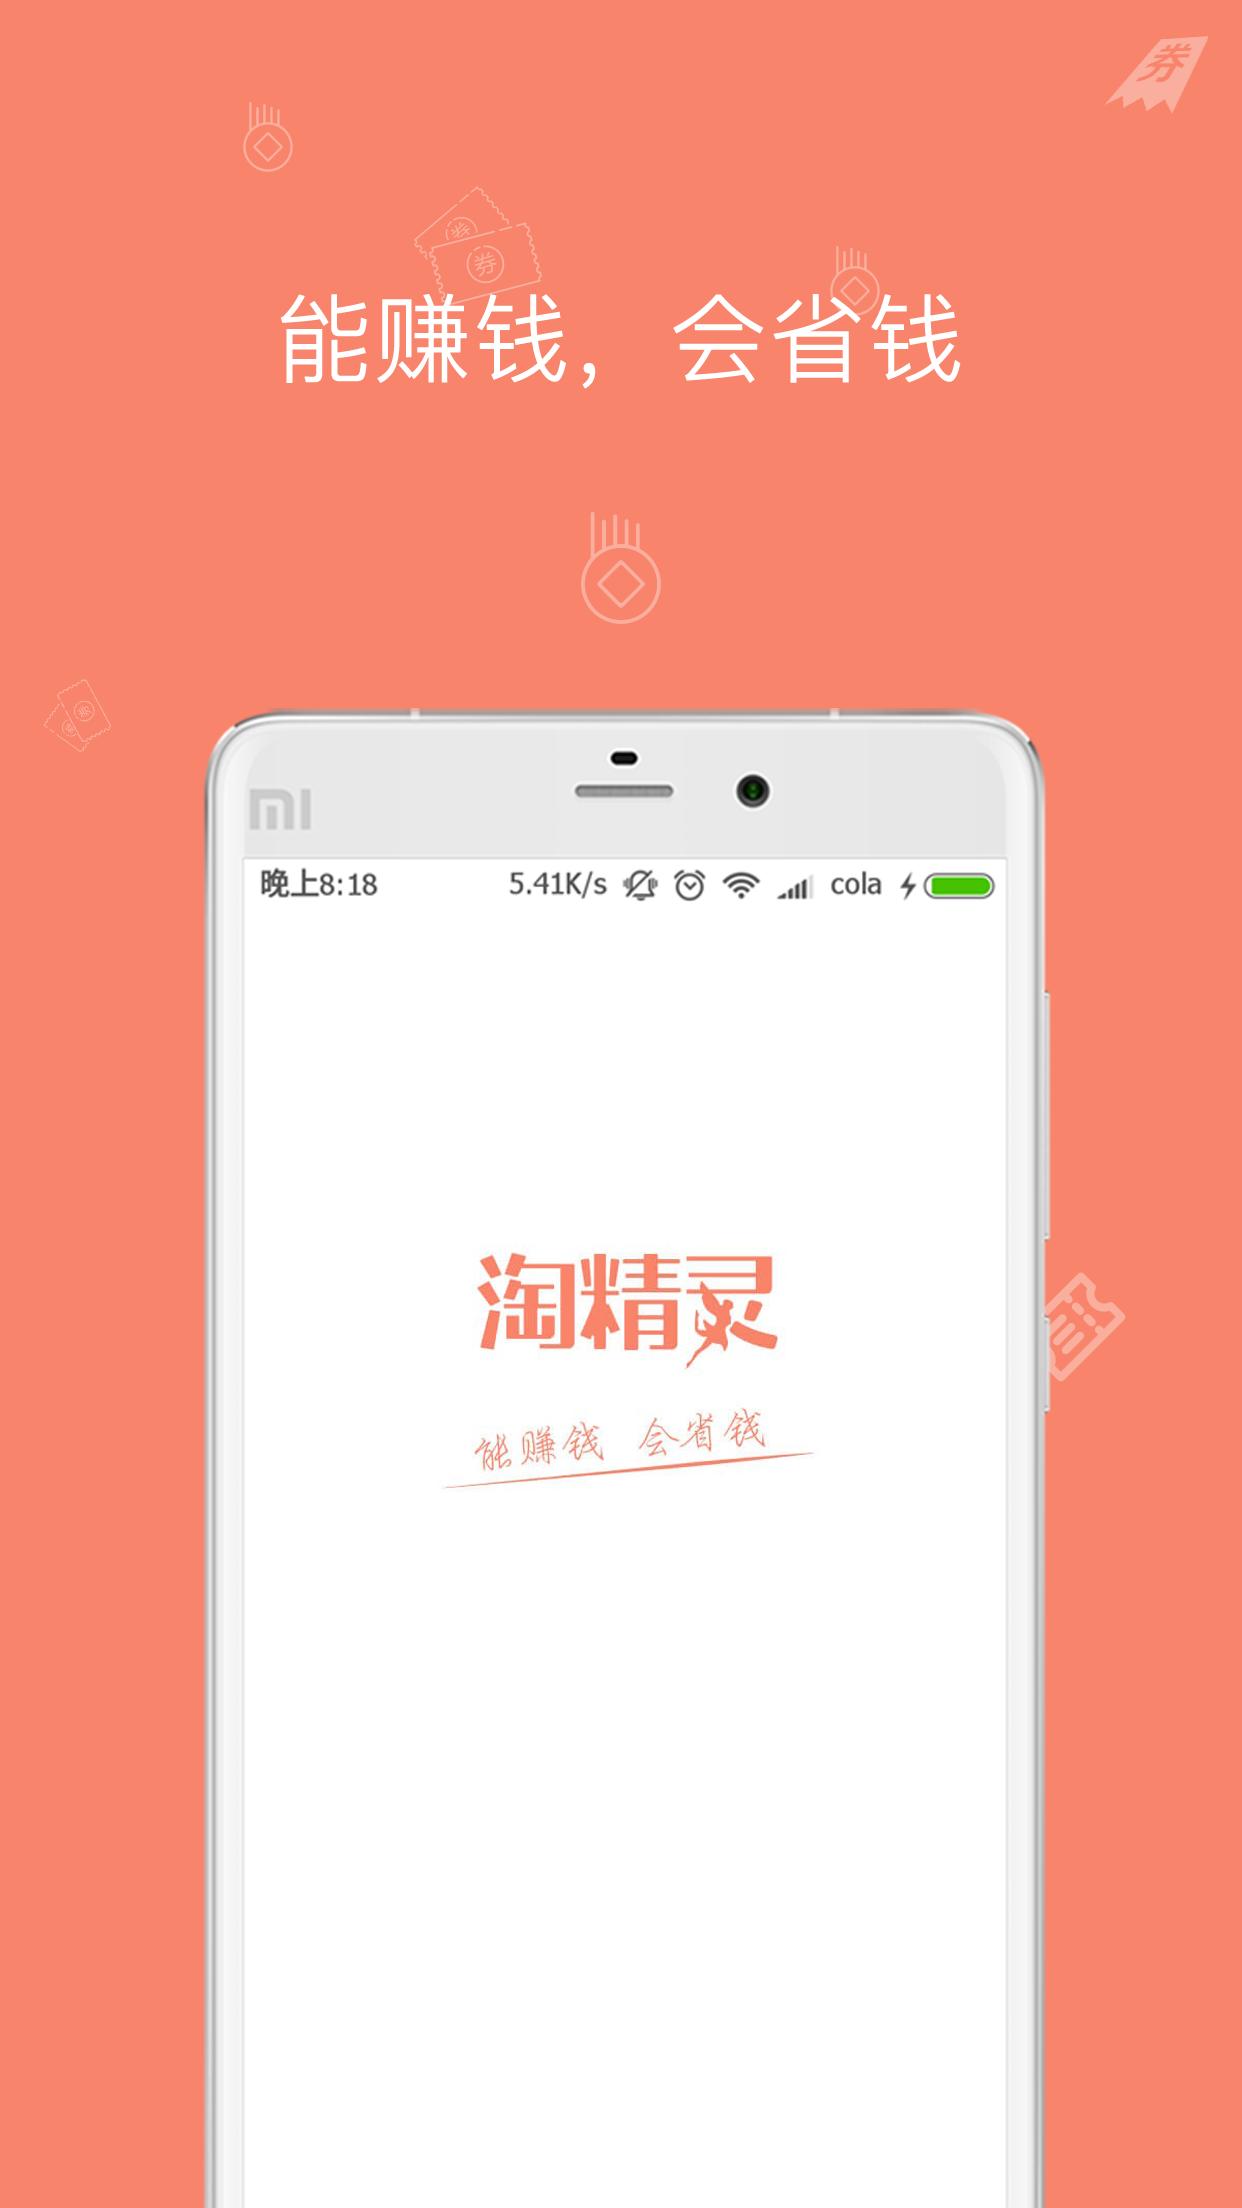 淘精灵软件官网下载图1: